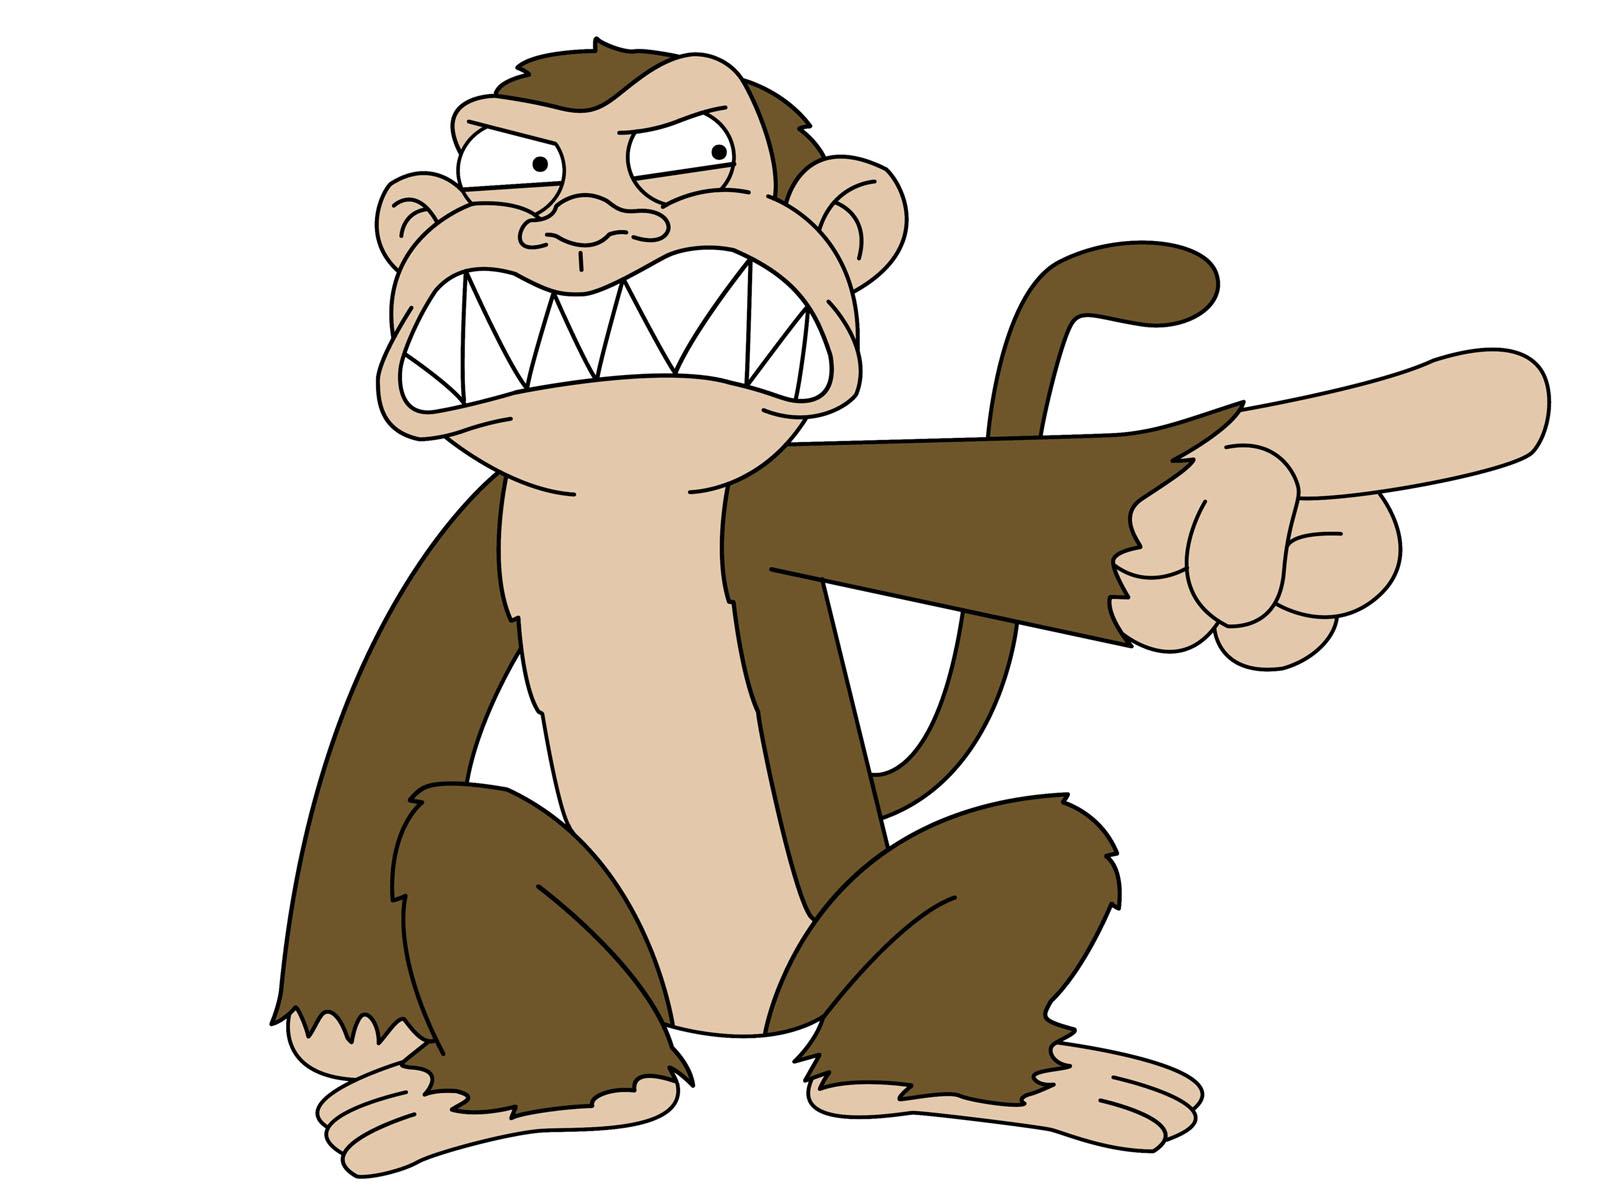 Evil Monkey Family Guy Wallpaper Evil Monkey Wallpapers